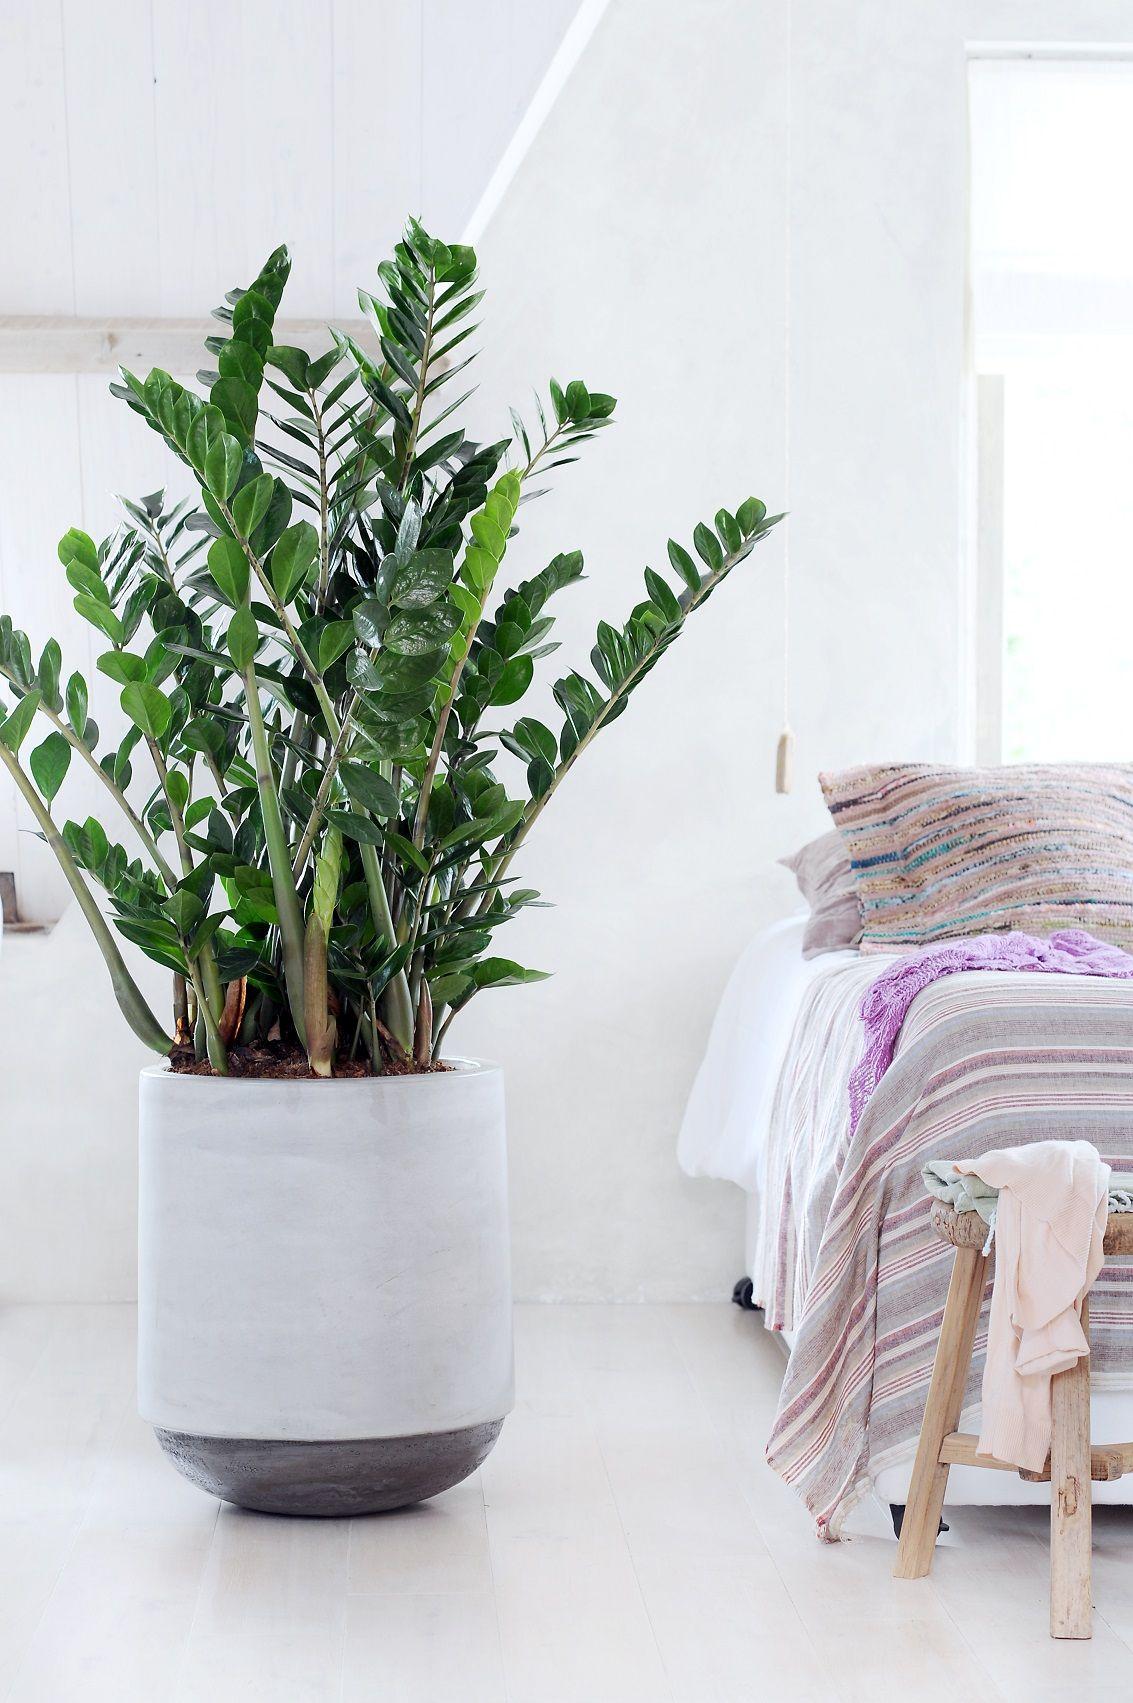 Piante Verdi Da Appartamento Zamioculcas.Zamioculcas Zamiifolia Con Immagini Piante Da Interno